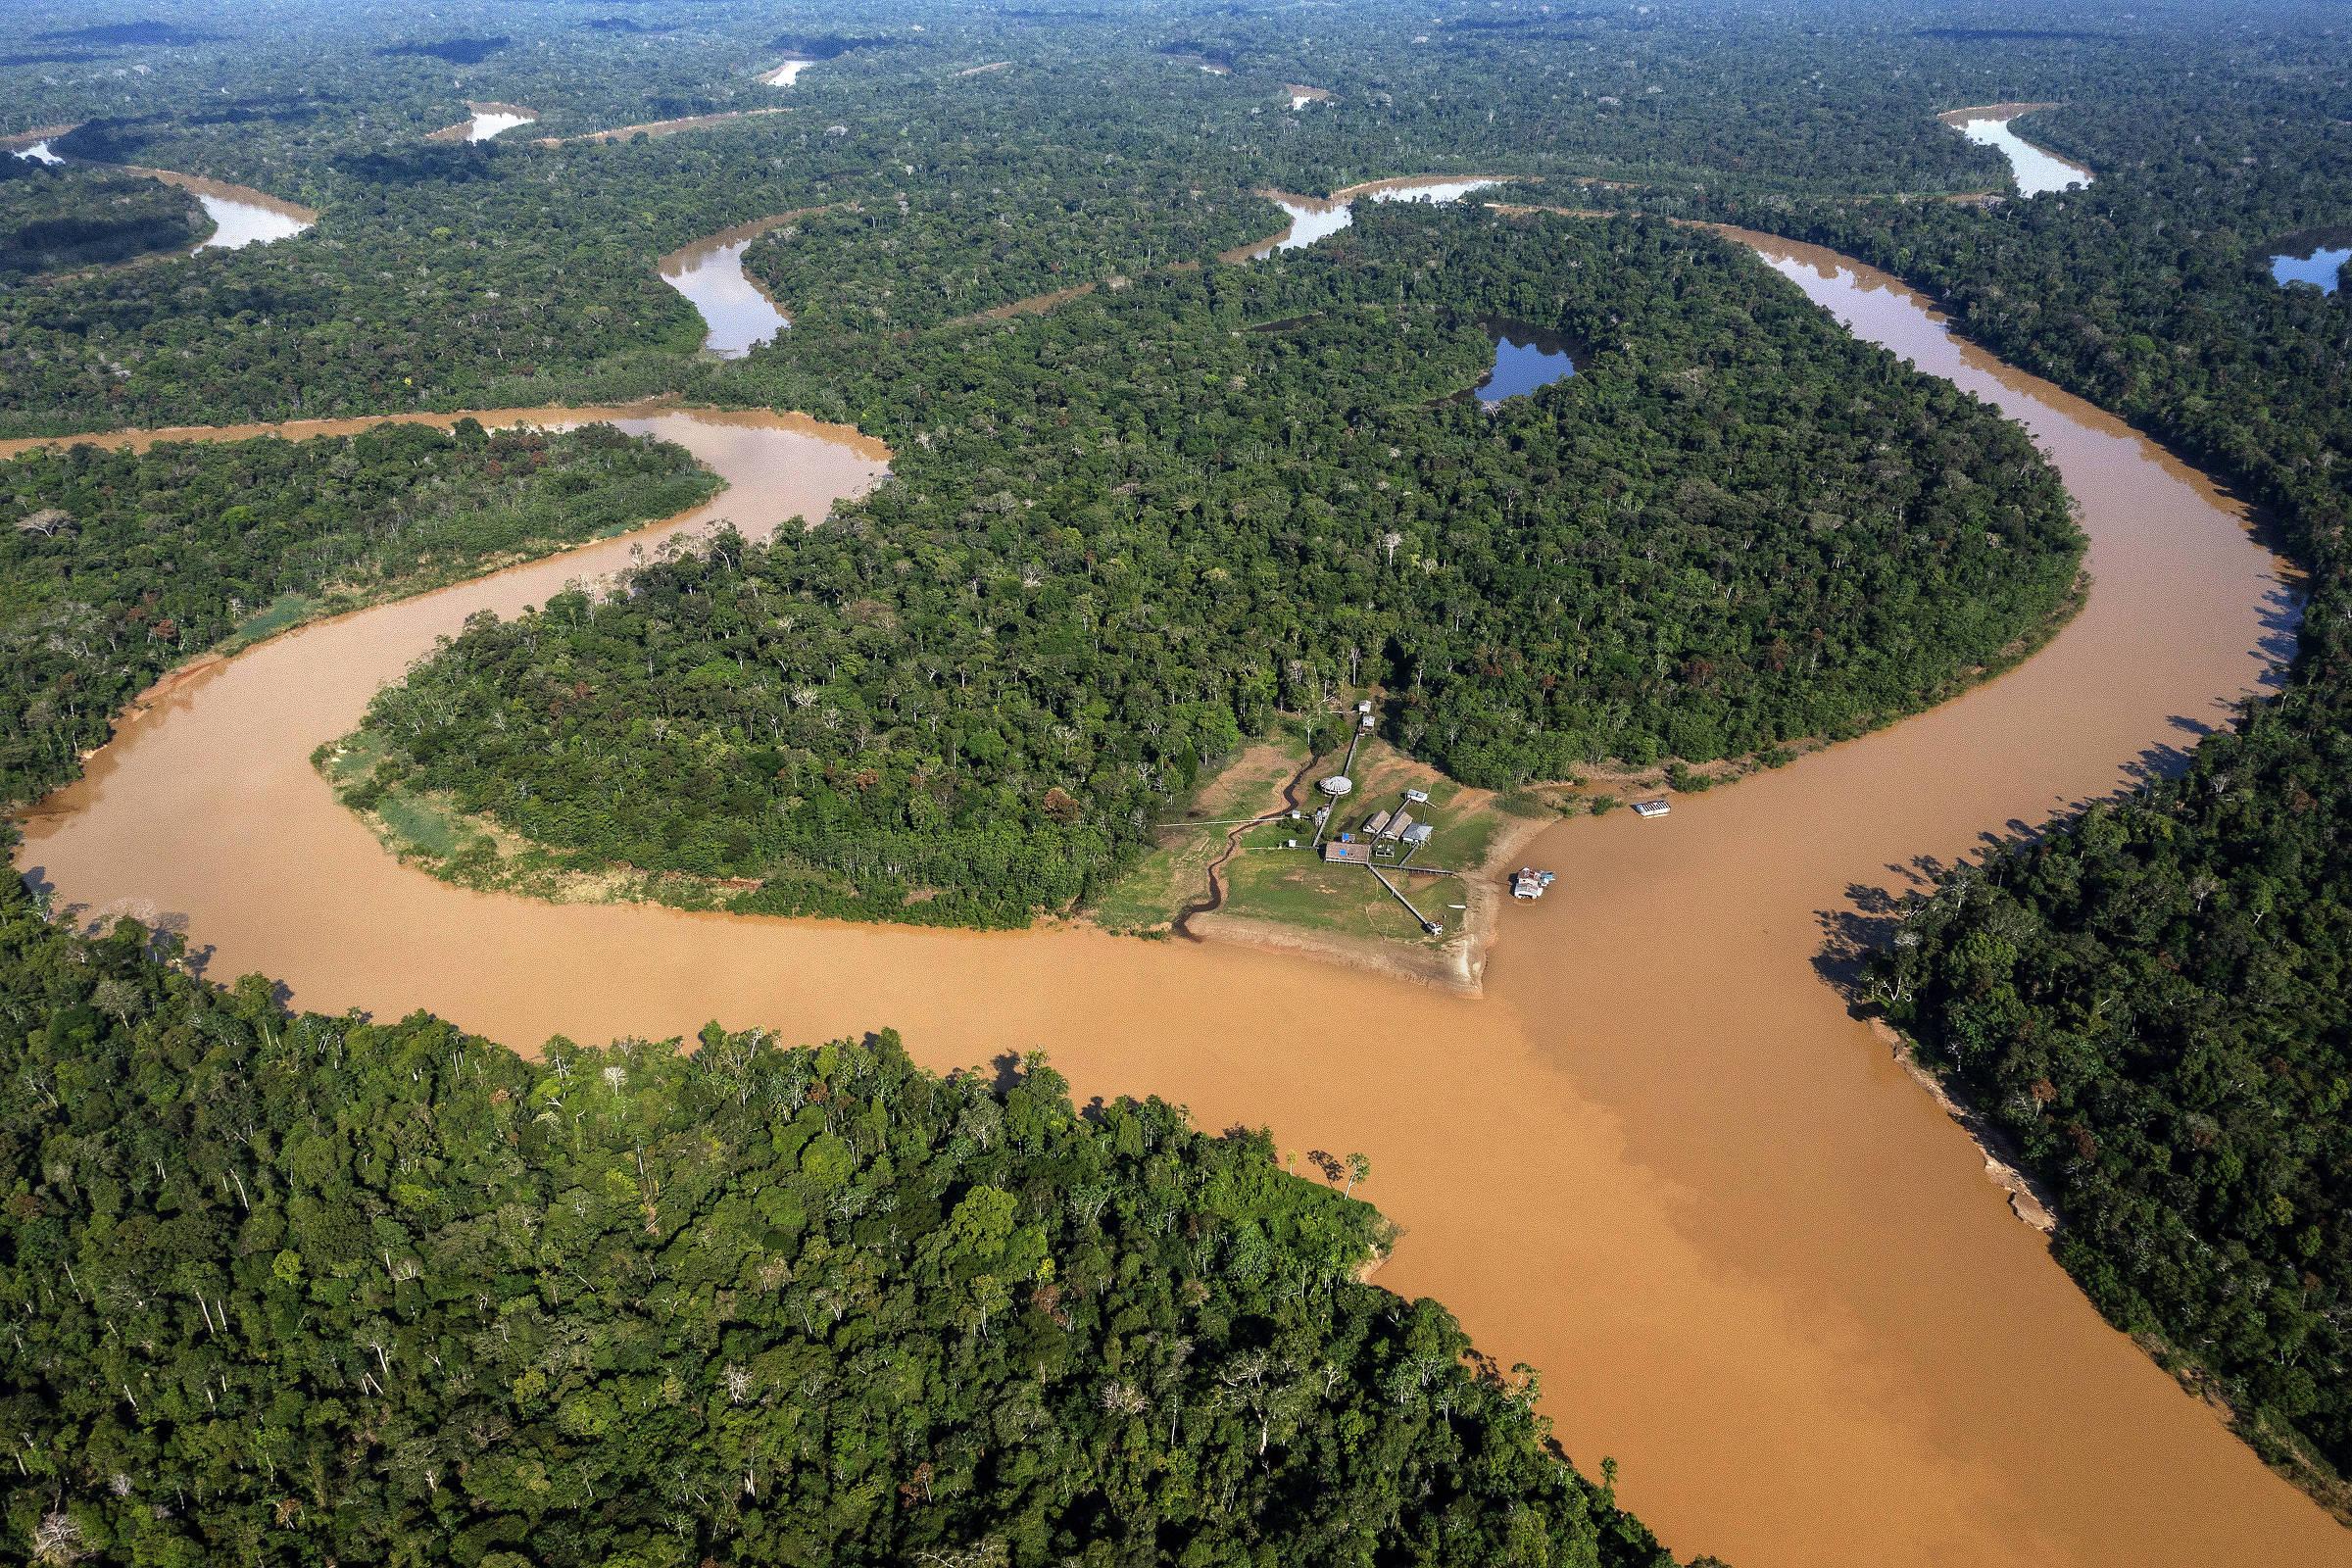 Base da Funai do rio Itui, na confluência com o rio Itacoai, que funciona como um posto de controle para entrada na Terra Indigena do Vale do Javari, no Amazonas